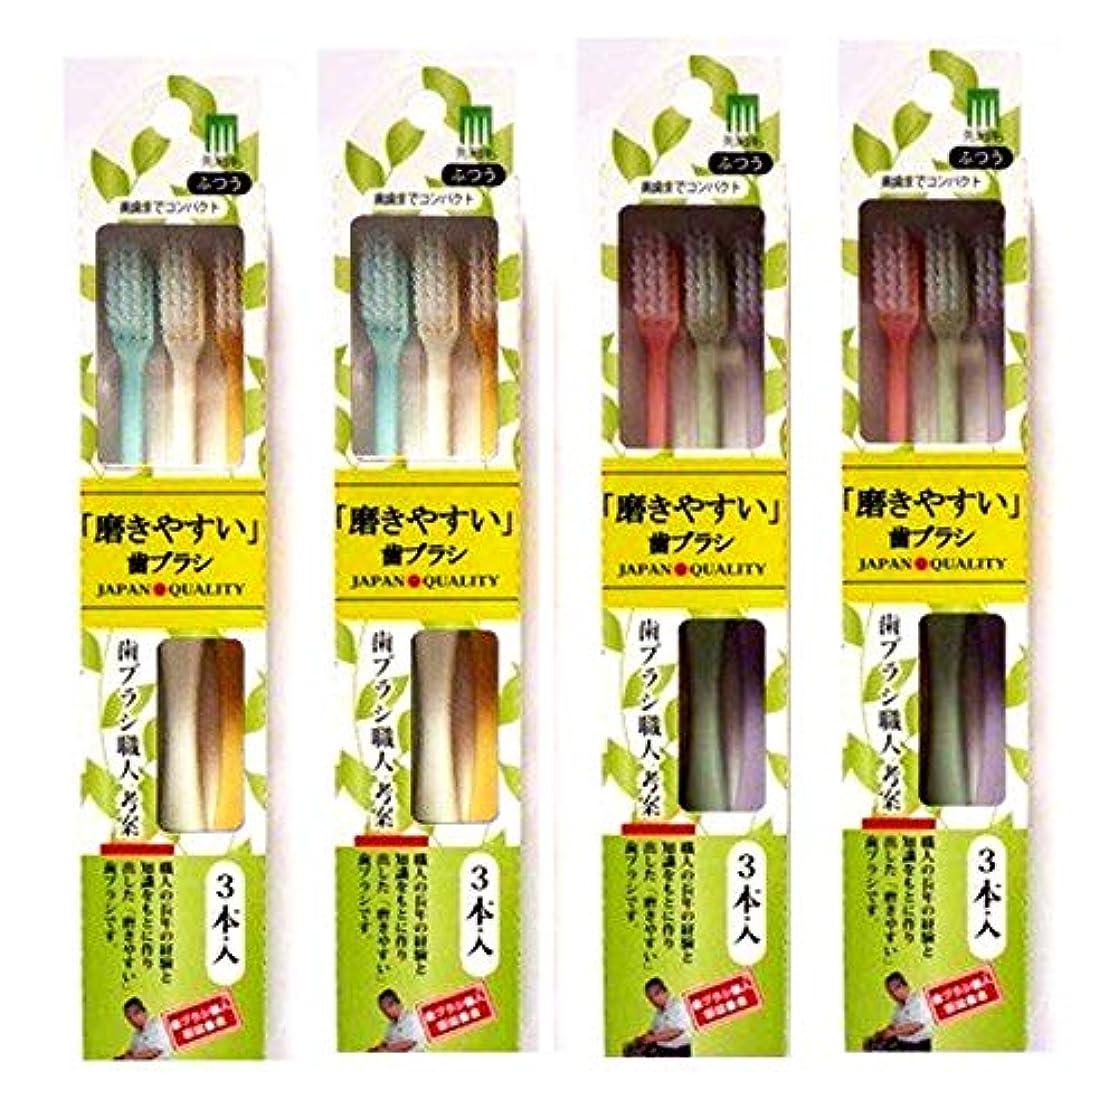 大必須理由磨きやすい歯ブラシ (先細毛) 奥までコンパクト ELT-1 (3本組×4個セット)